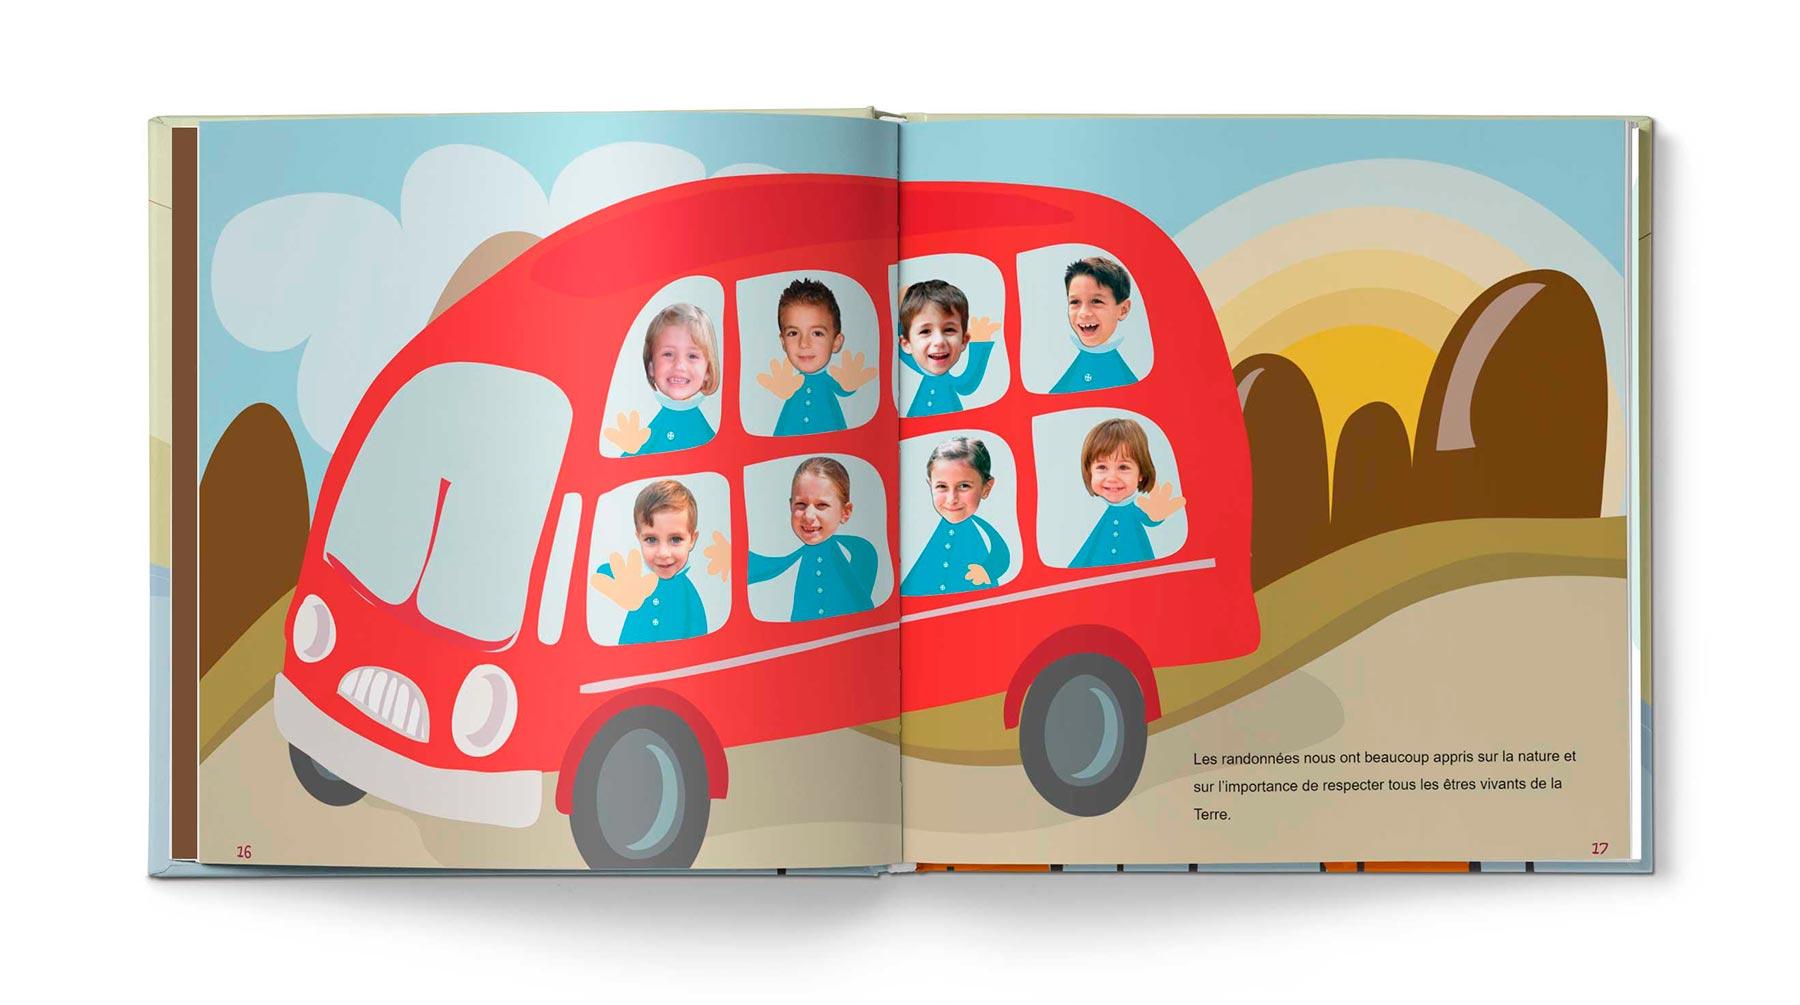 Histoire Le livre d'école - Image 8